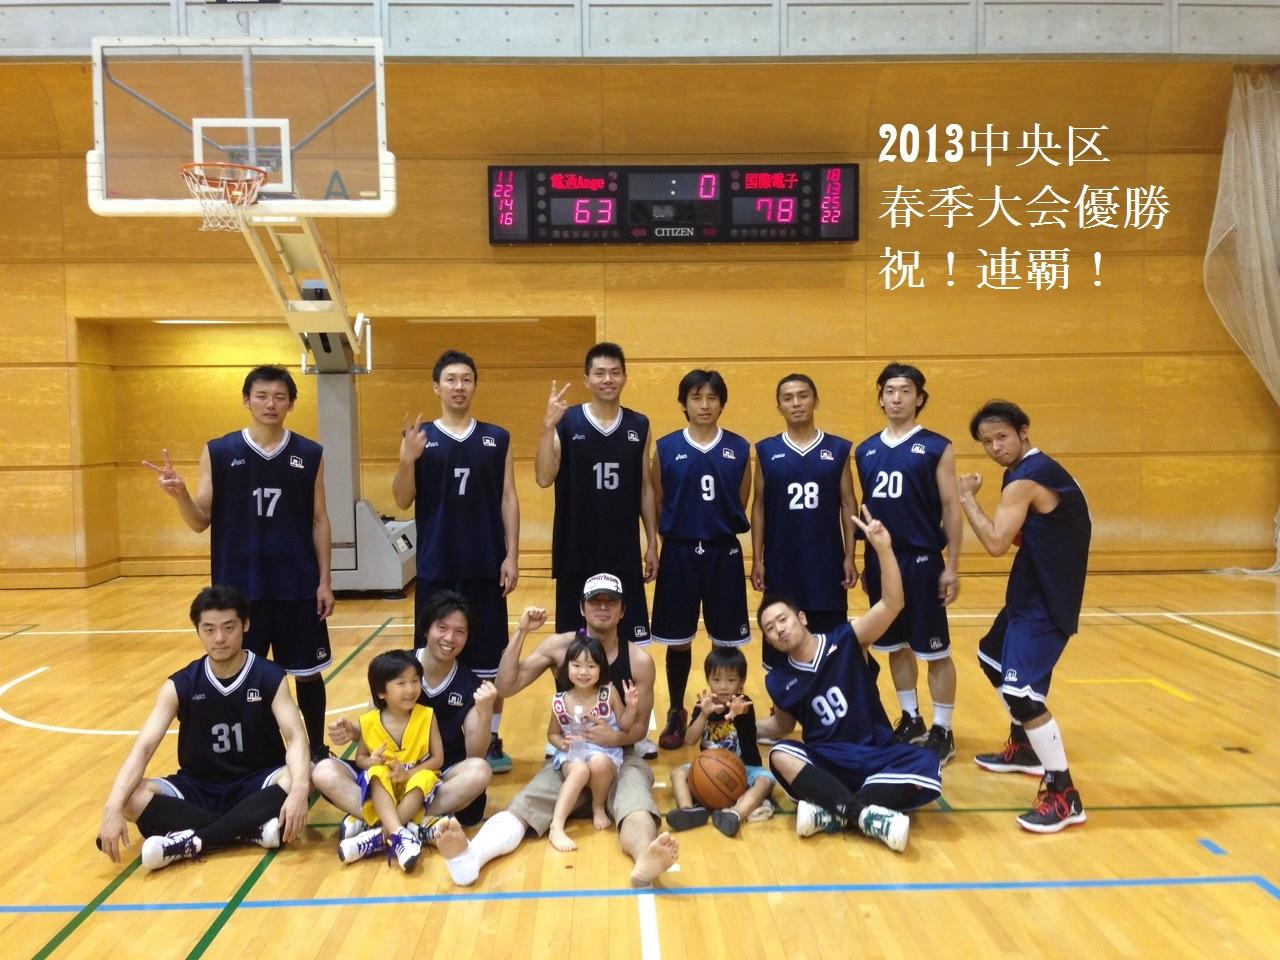 2013中央区春季大会優勝!